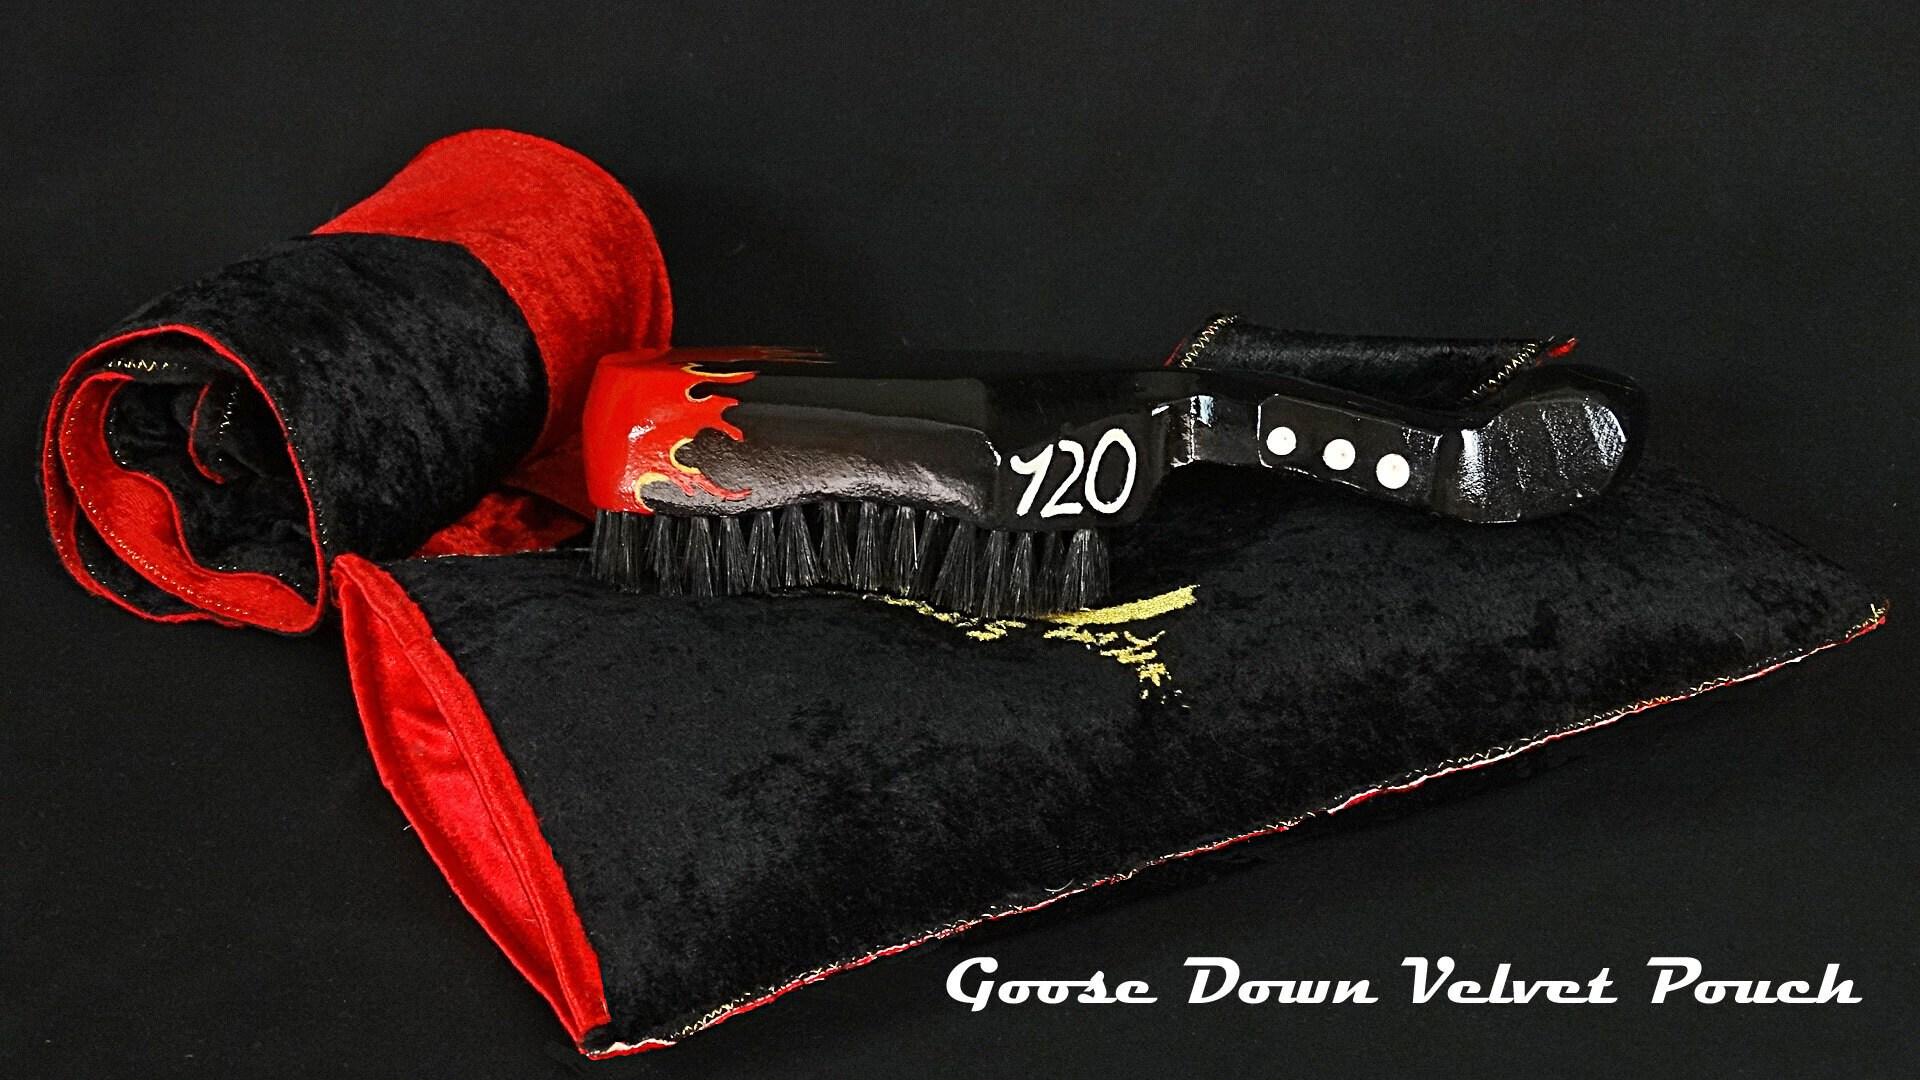 King Scorpion 360 Wave Brush (12 Row Tight) 360 Wave Brush + King Scorpion 360 Reversible Velvet Du-rag + Goose Down Velvet Pouch